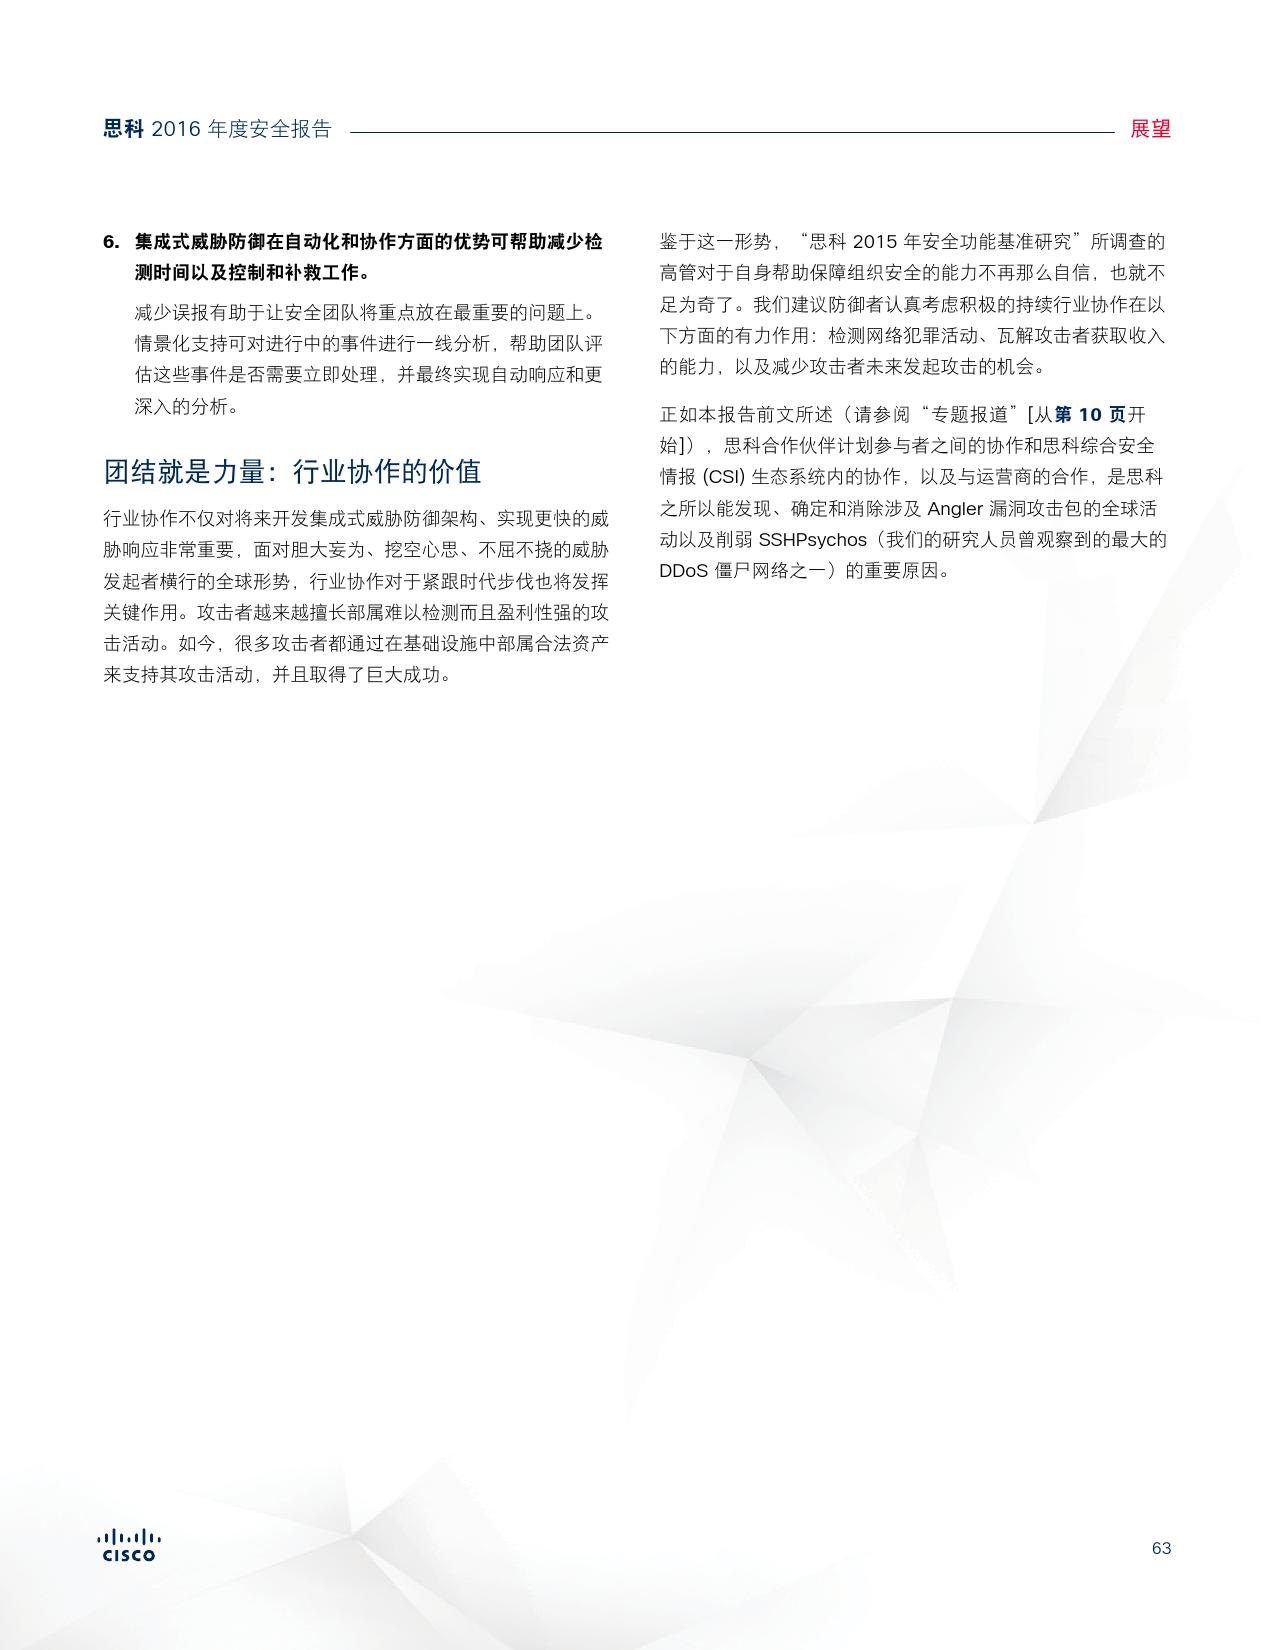 2016年中网络安全报告_000063